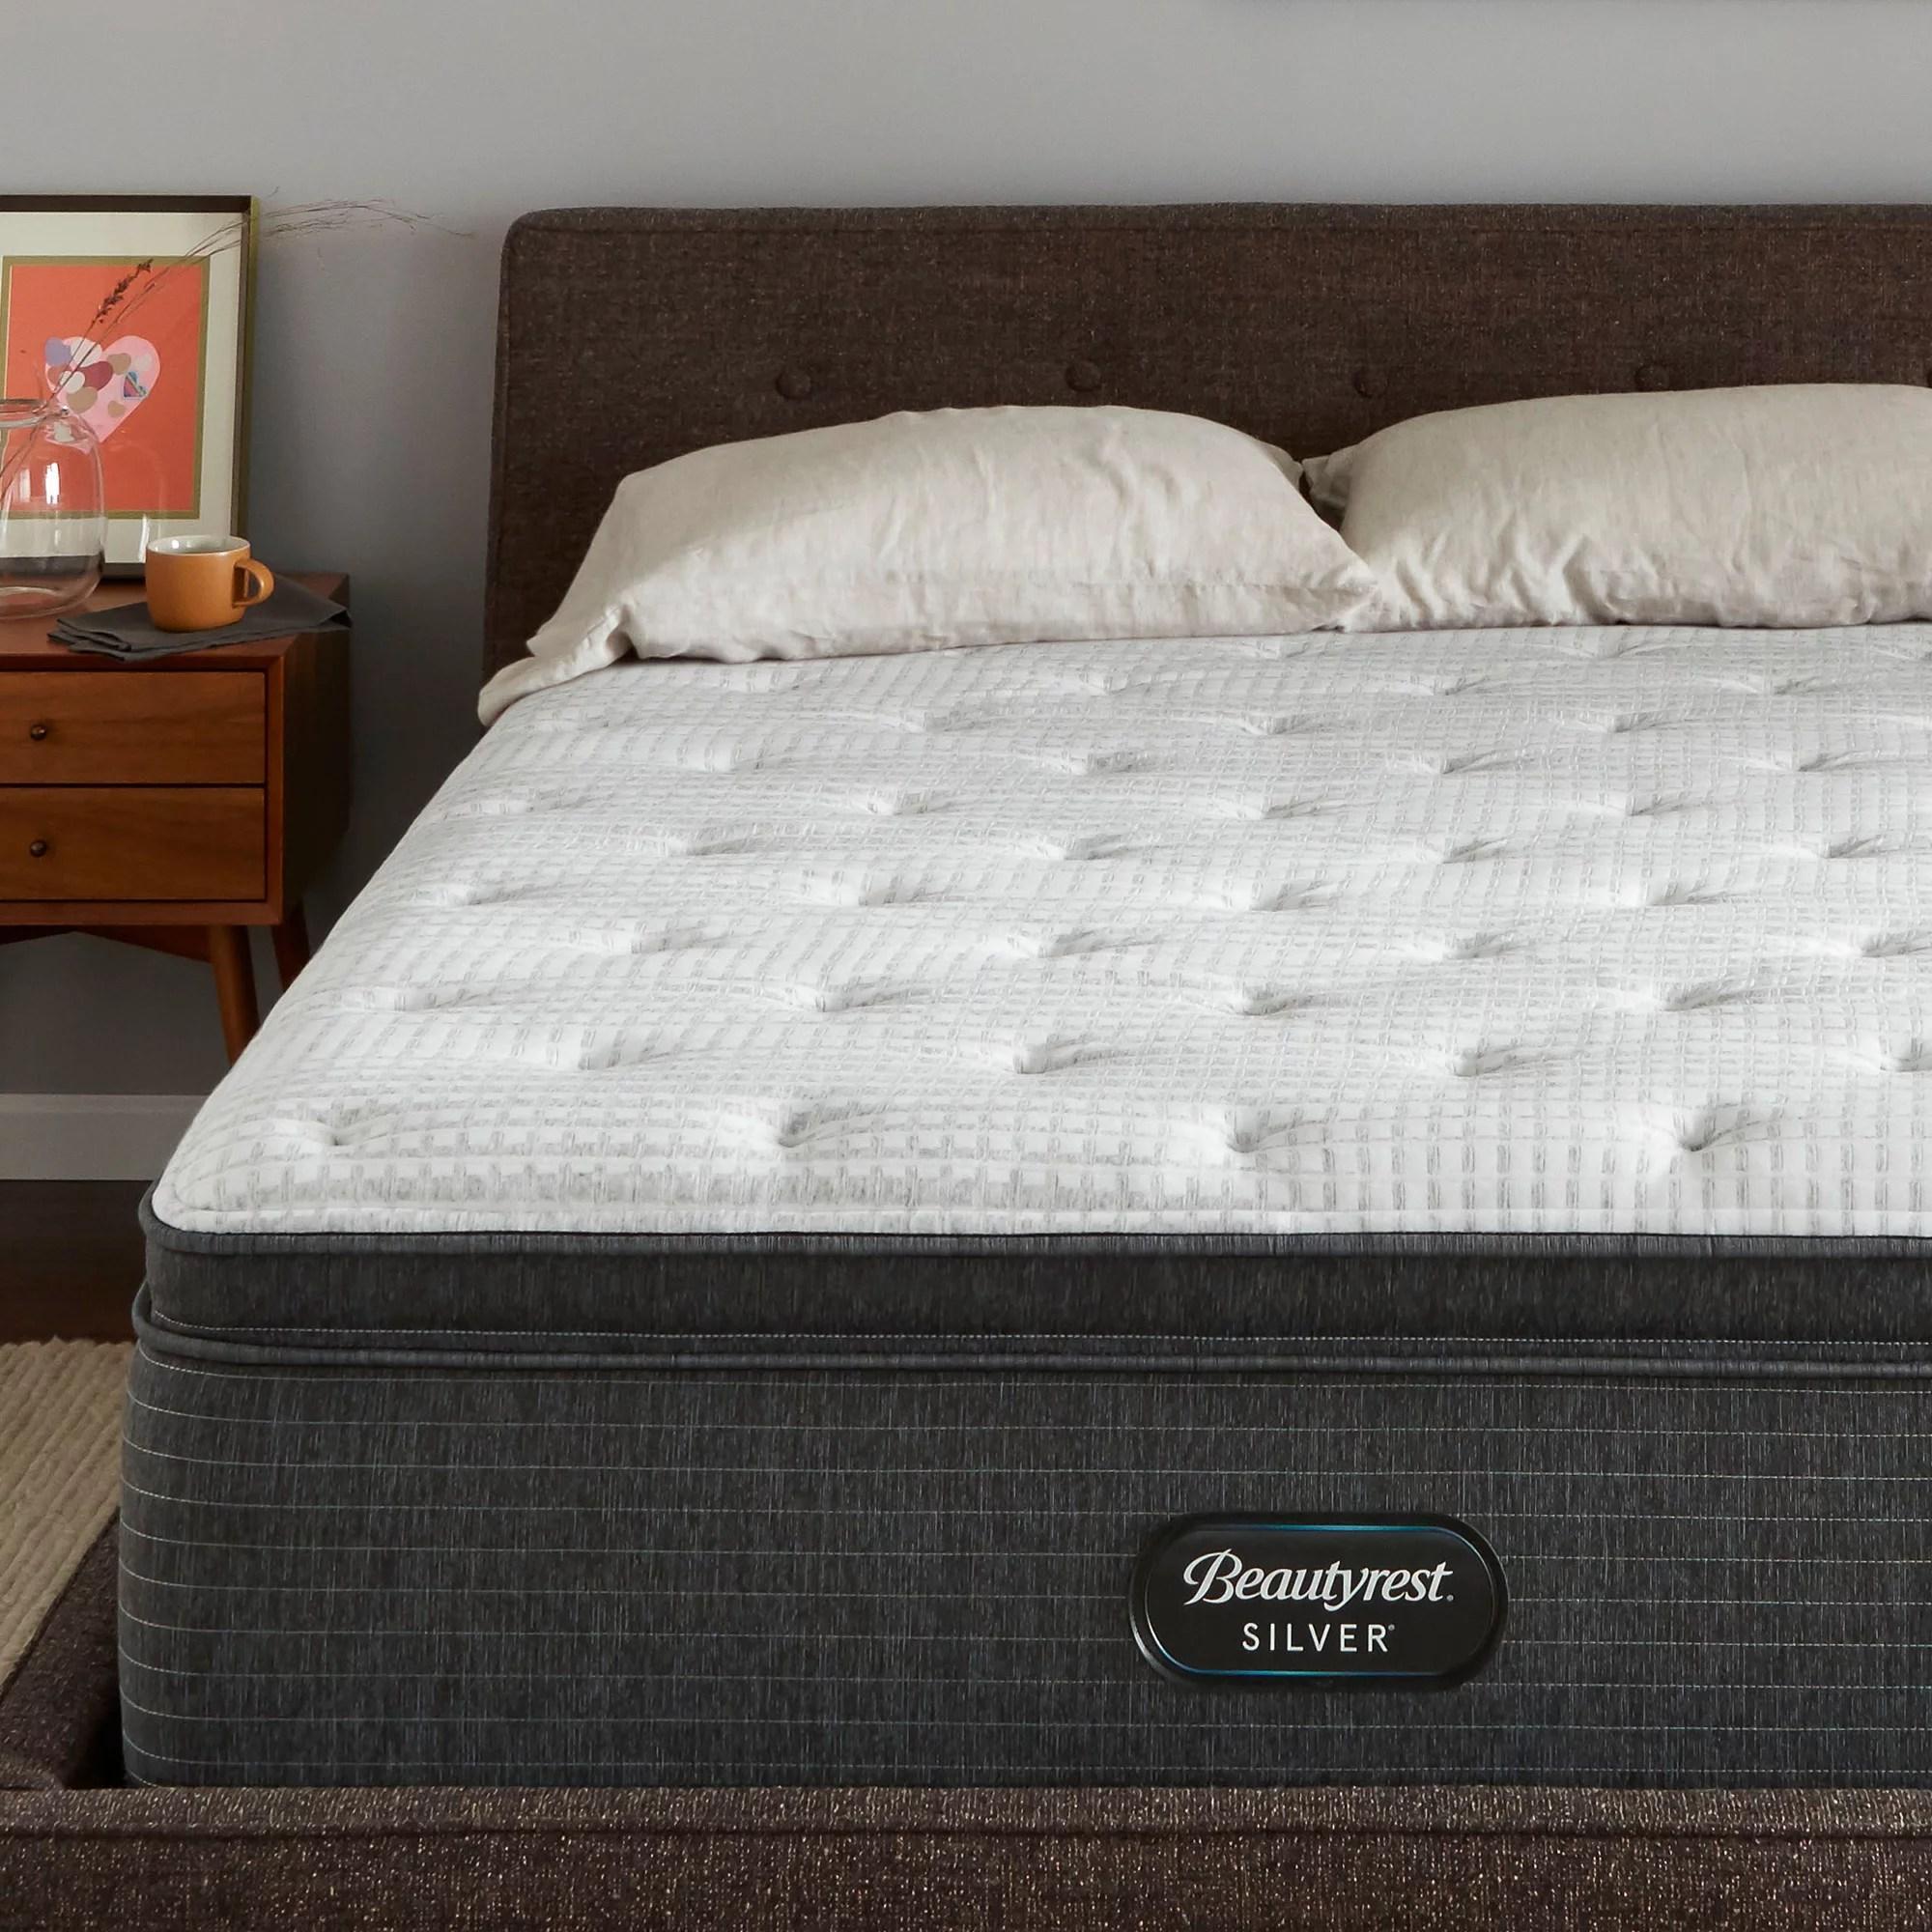 beautyrest silver brs900 c plush pillow top mattress